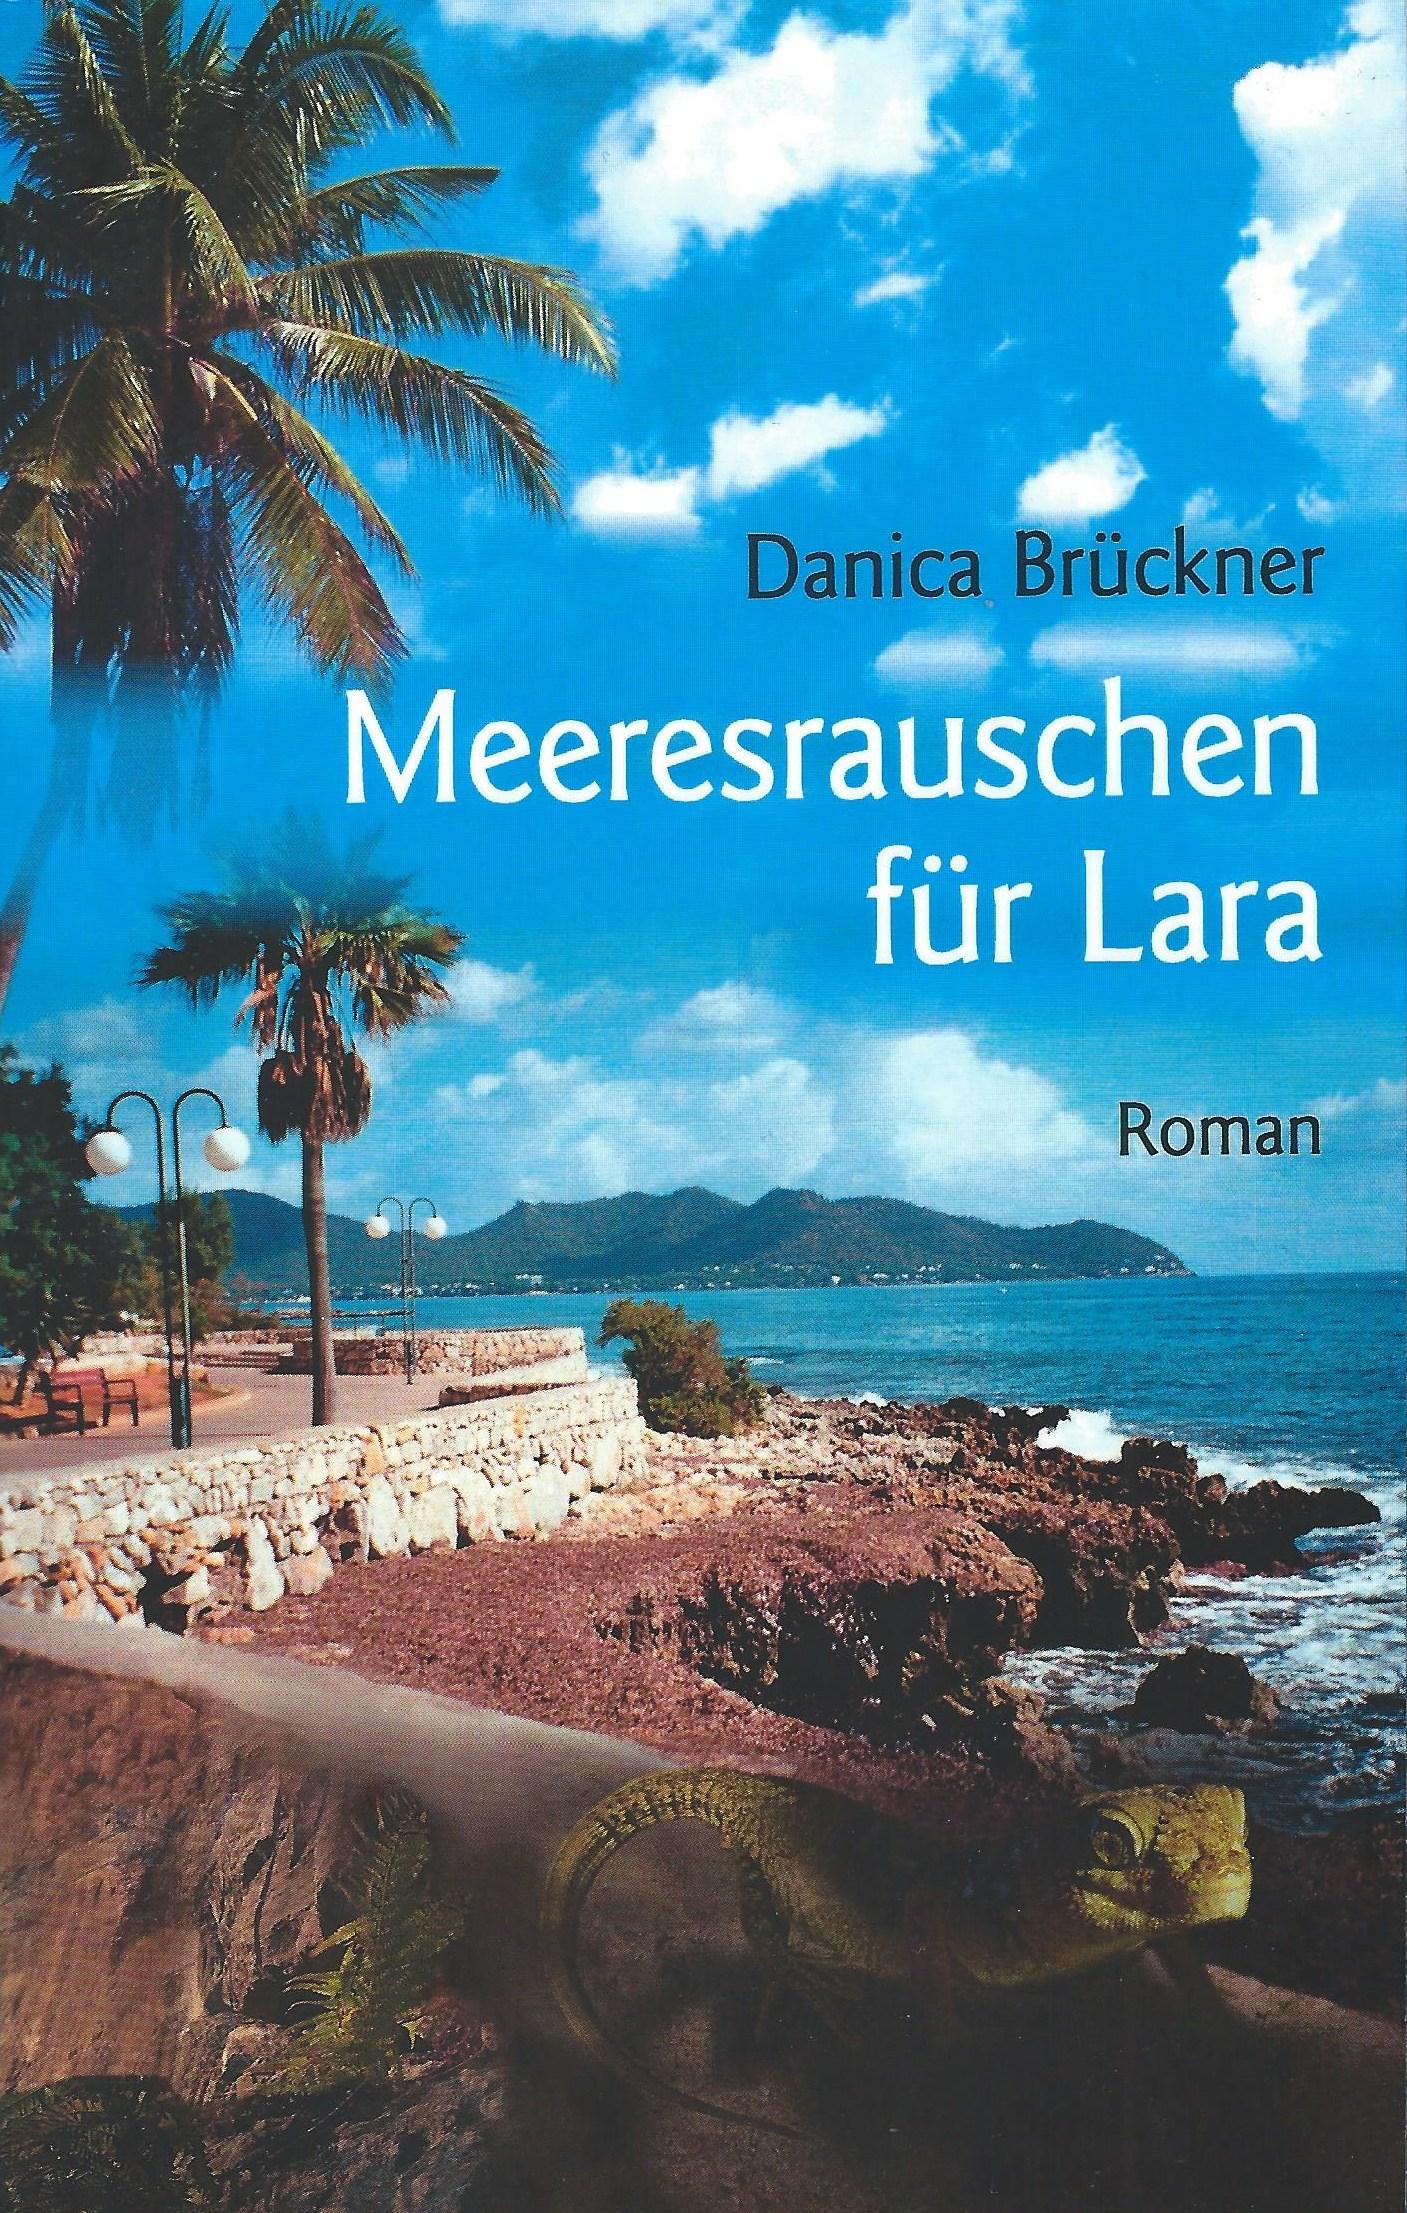 Meeresrauschen für Lara (03/2009) - Cover 2017